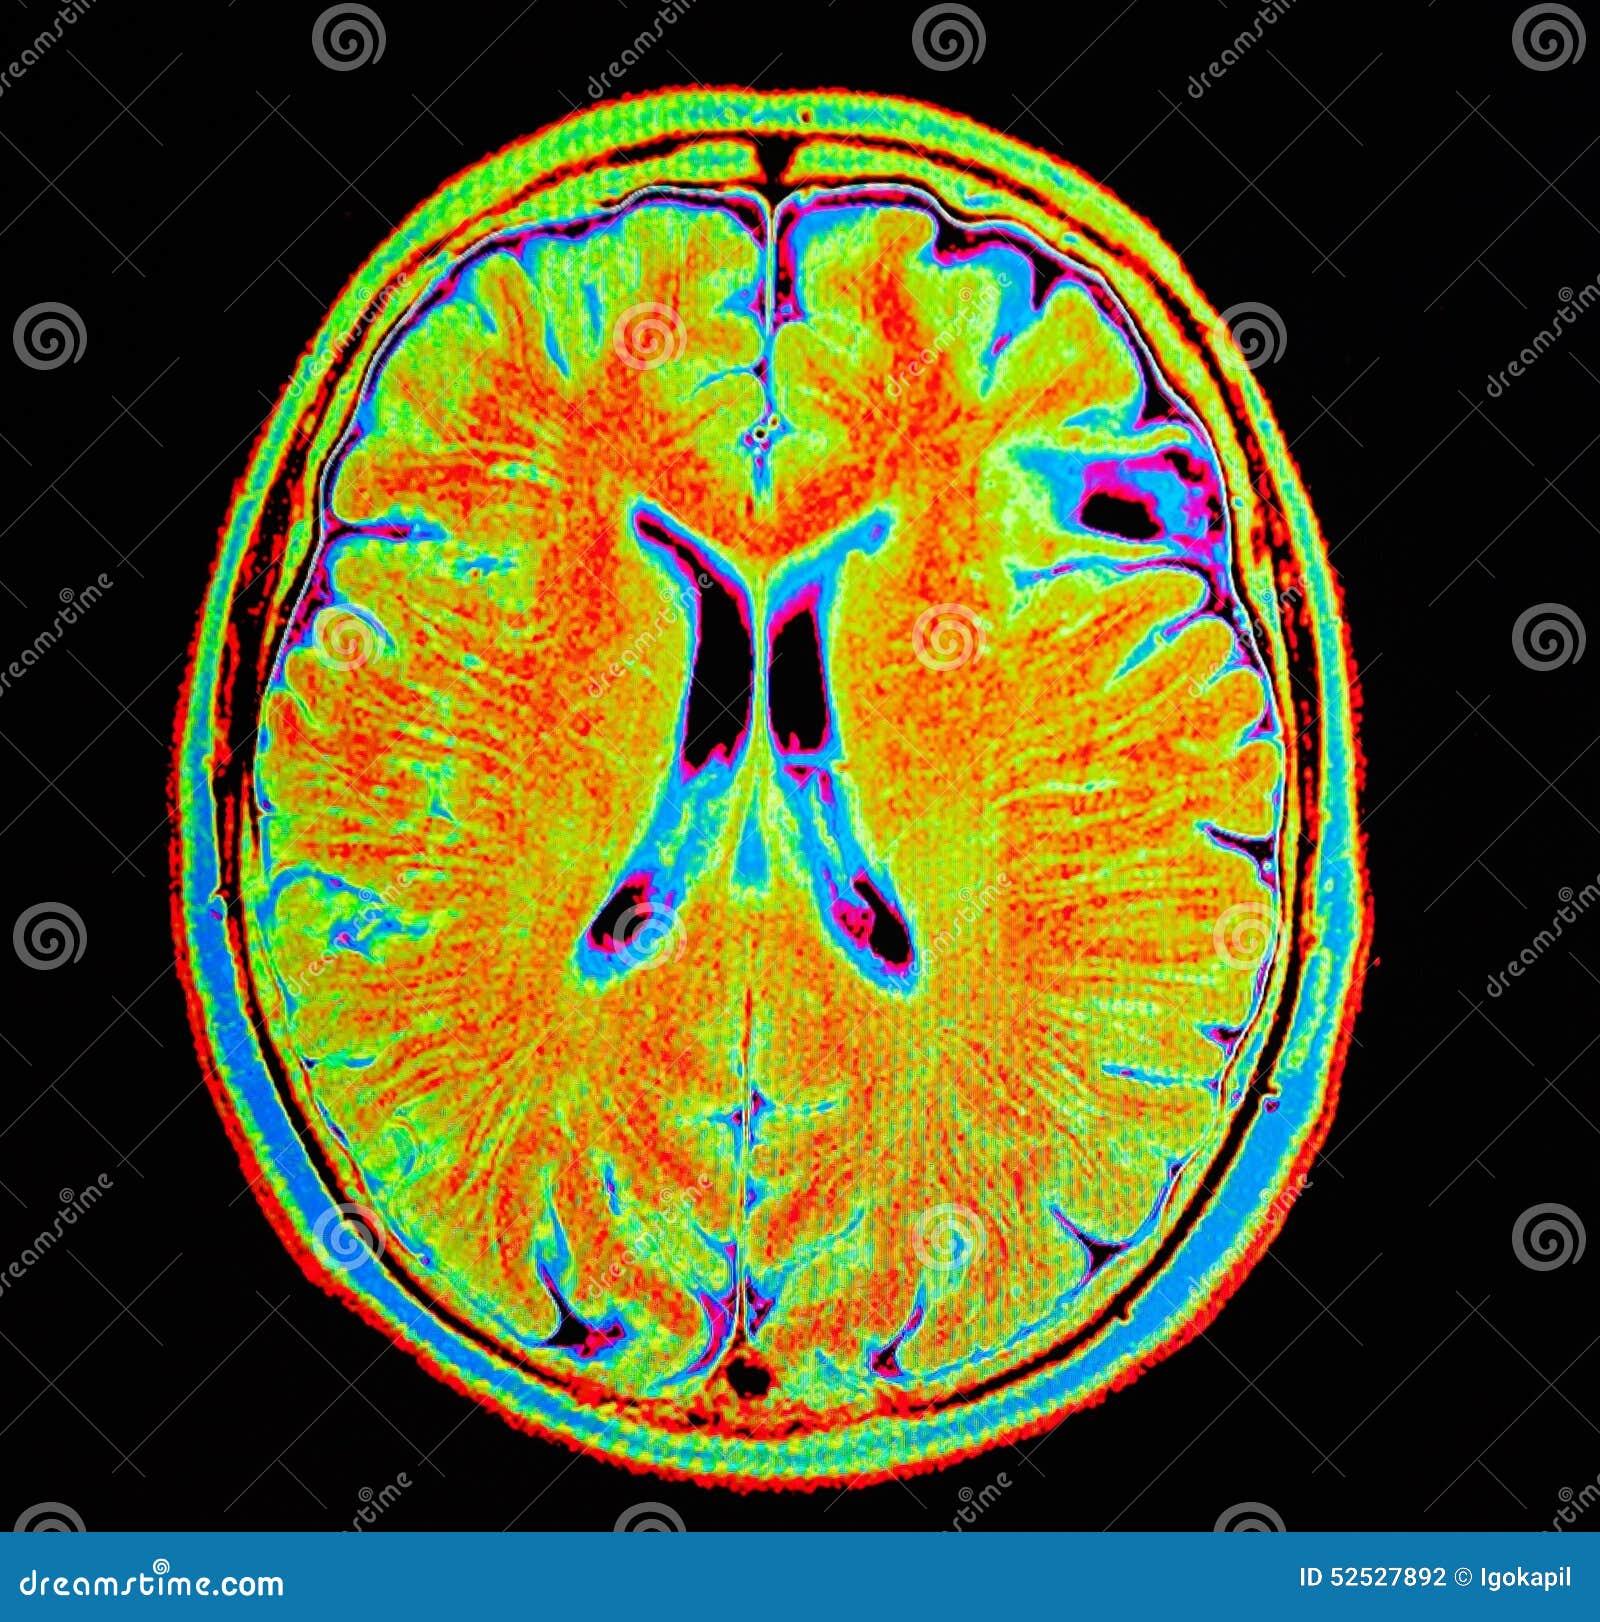 Movimiento Del Cerebro De Mri Foto de archivo - Imagen de confusión ...